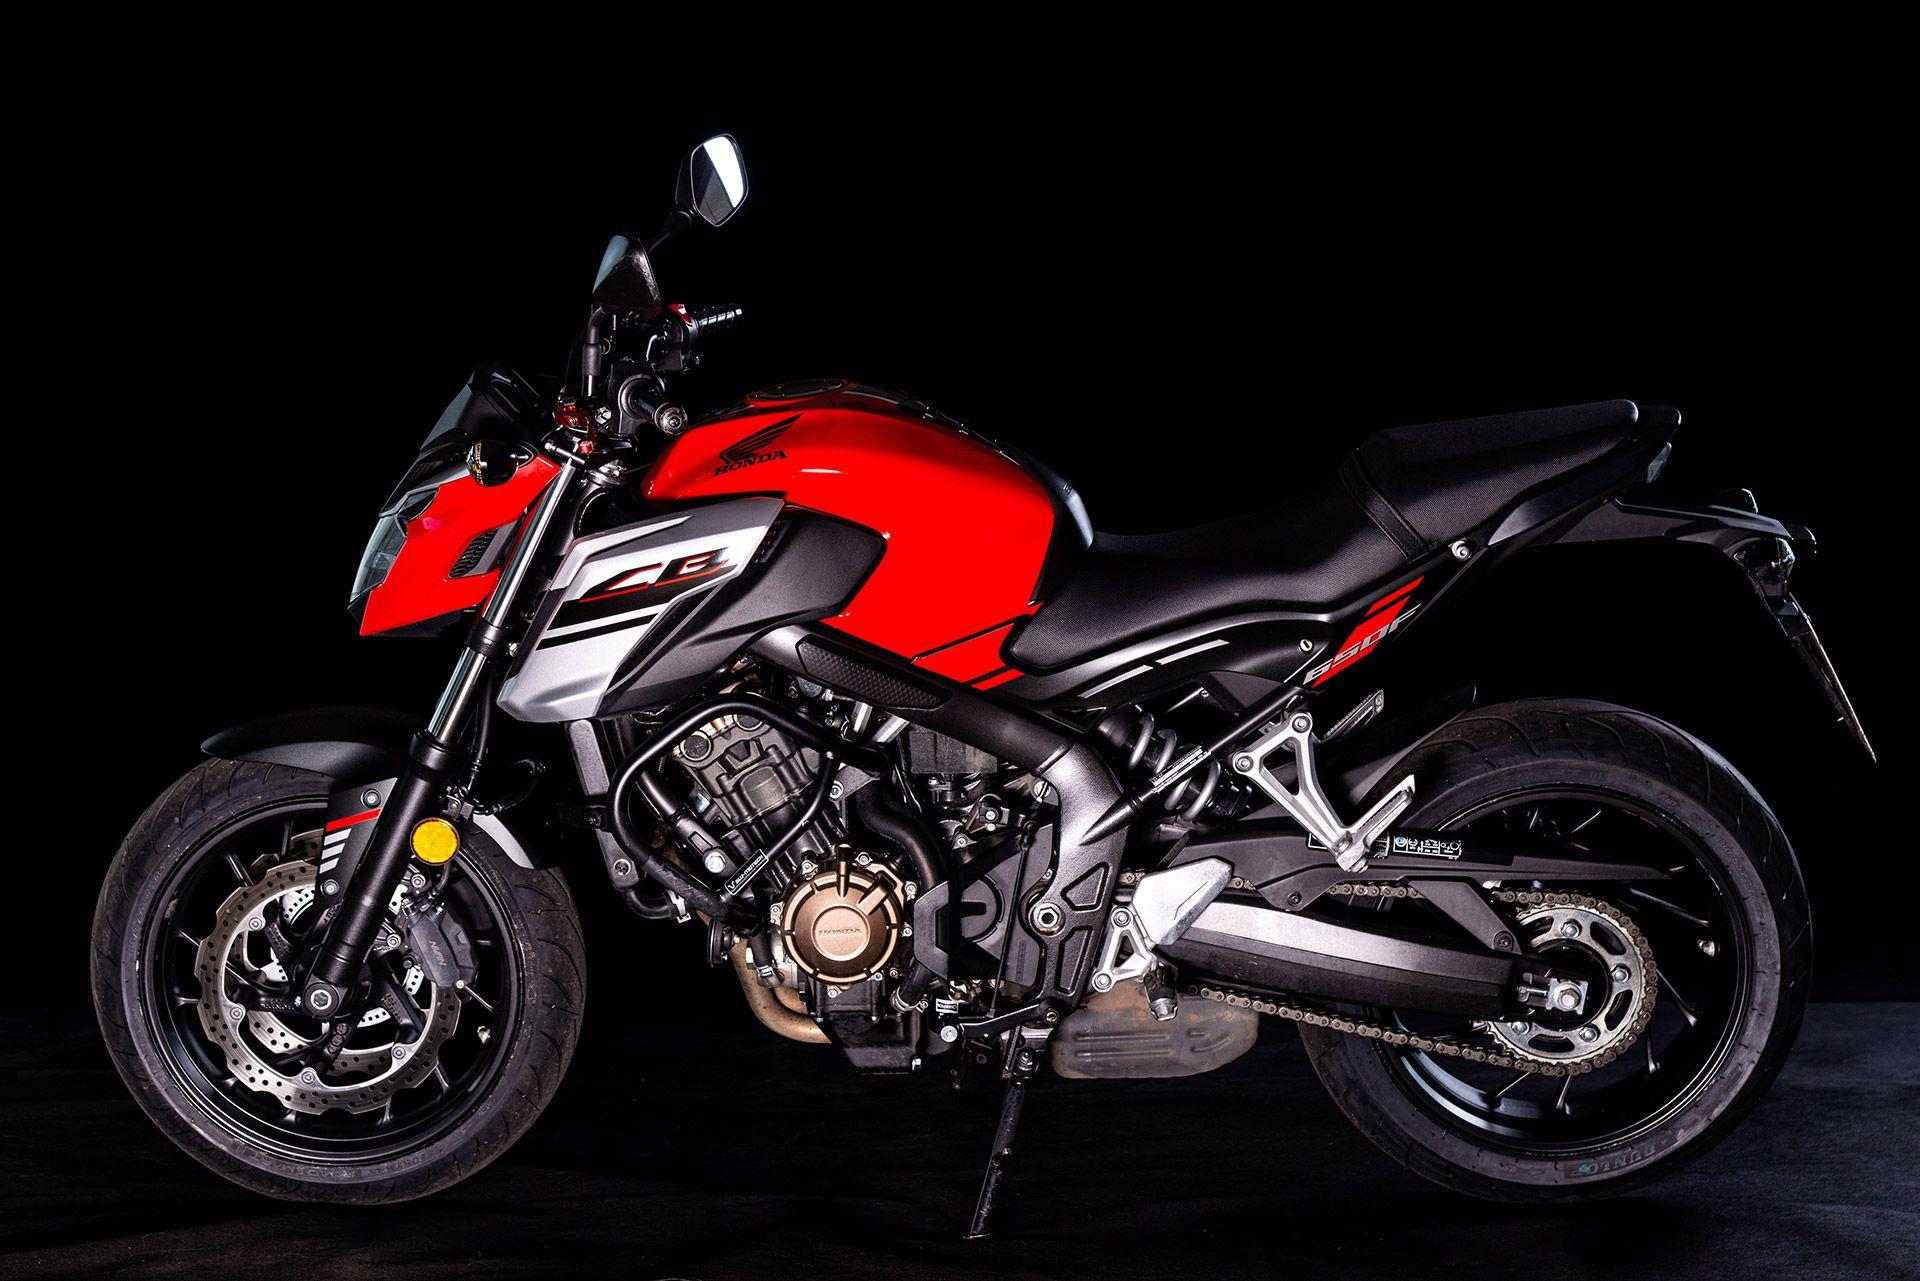 Fahrschule Berlin allroad Motorrad Honda CB650F Seitenansicht